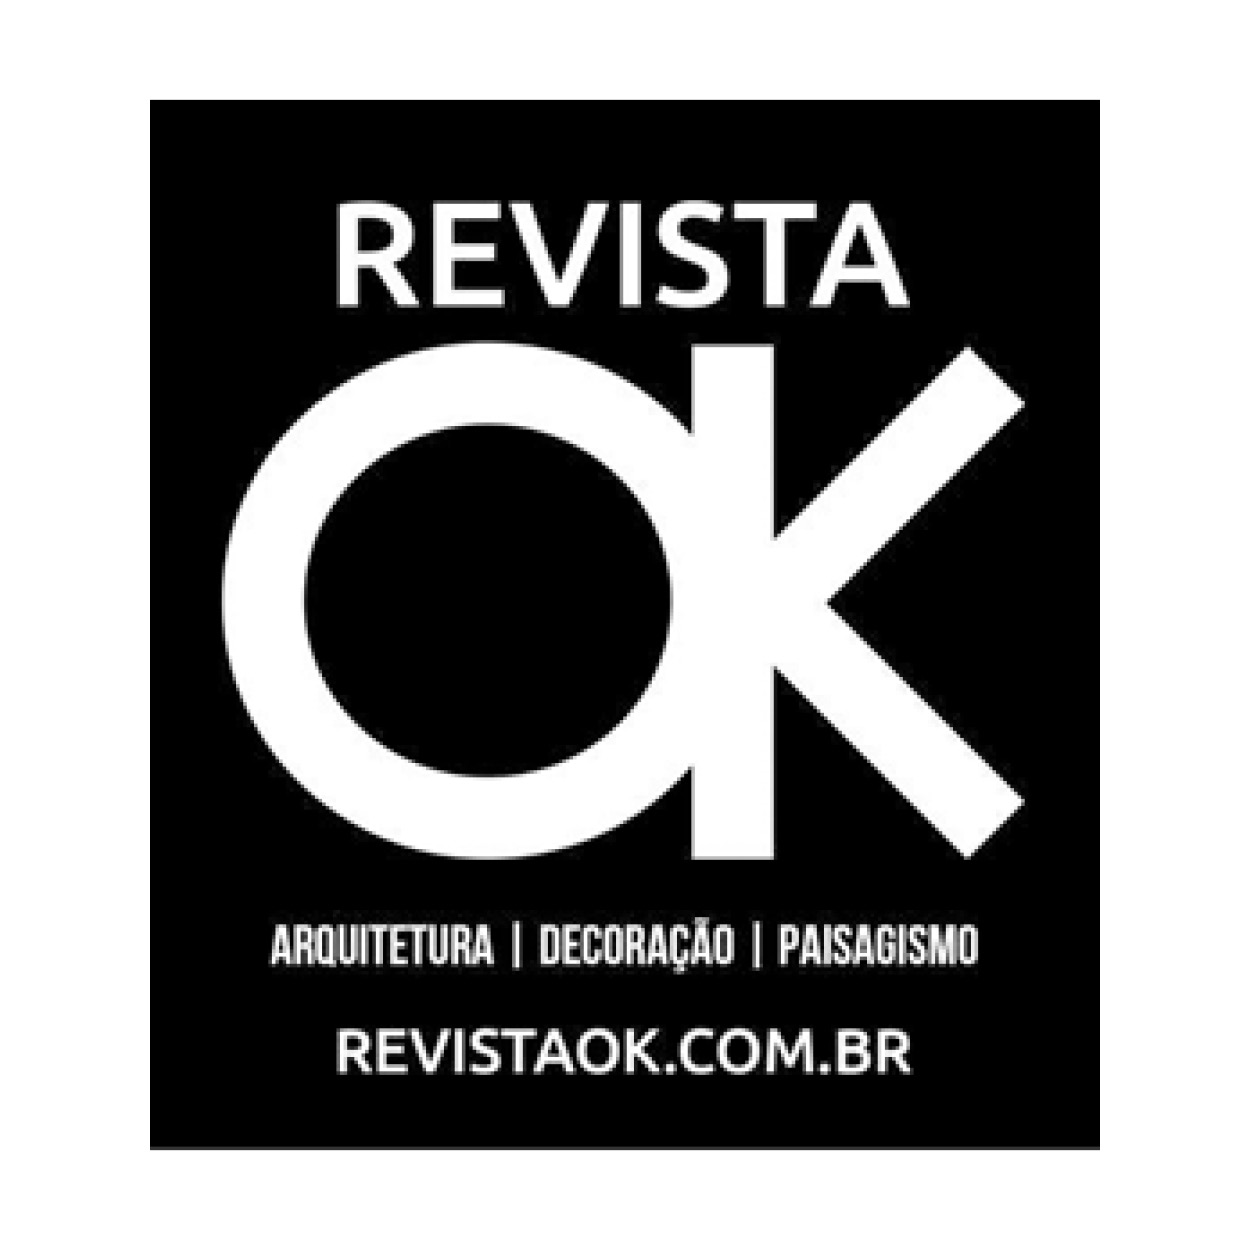 Associado ABUP - REVISTA OK